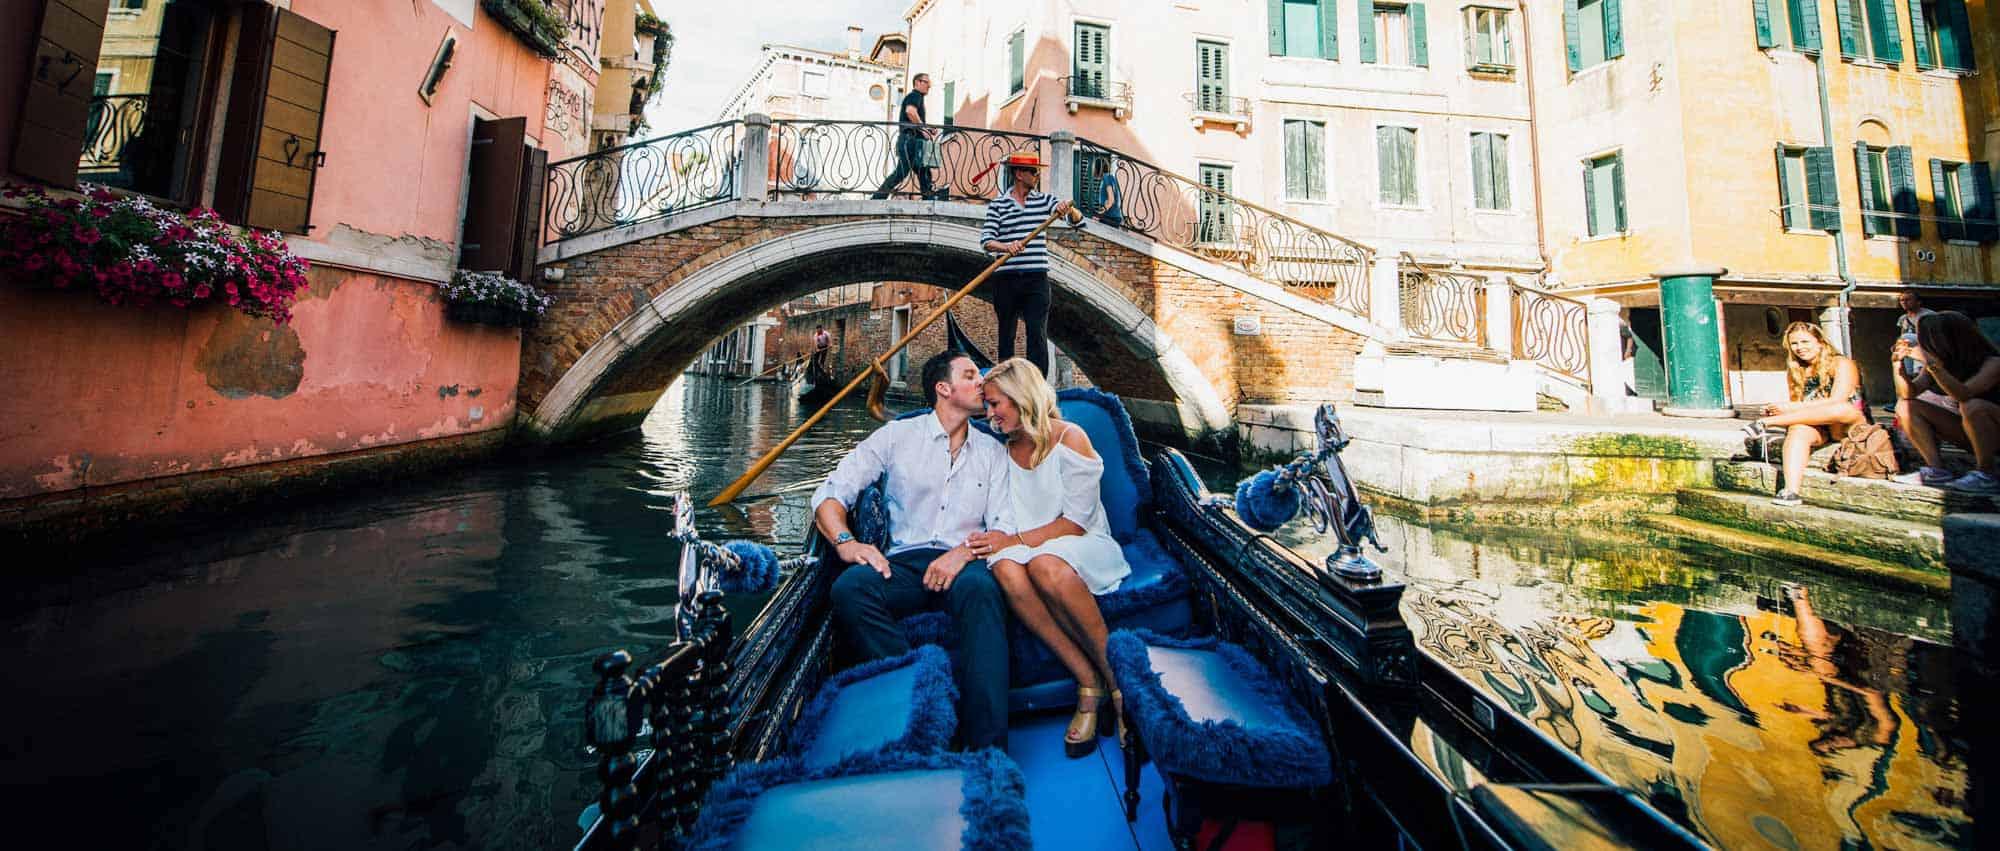 Destinos para Disfrutar en San Valentin - Alquiler de Carros en Italia